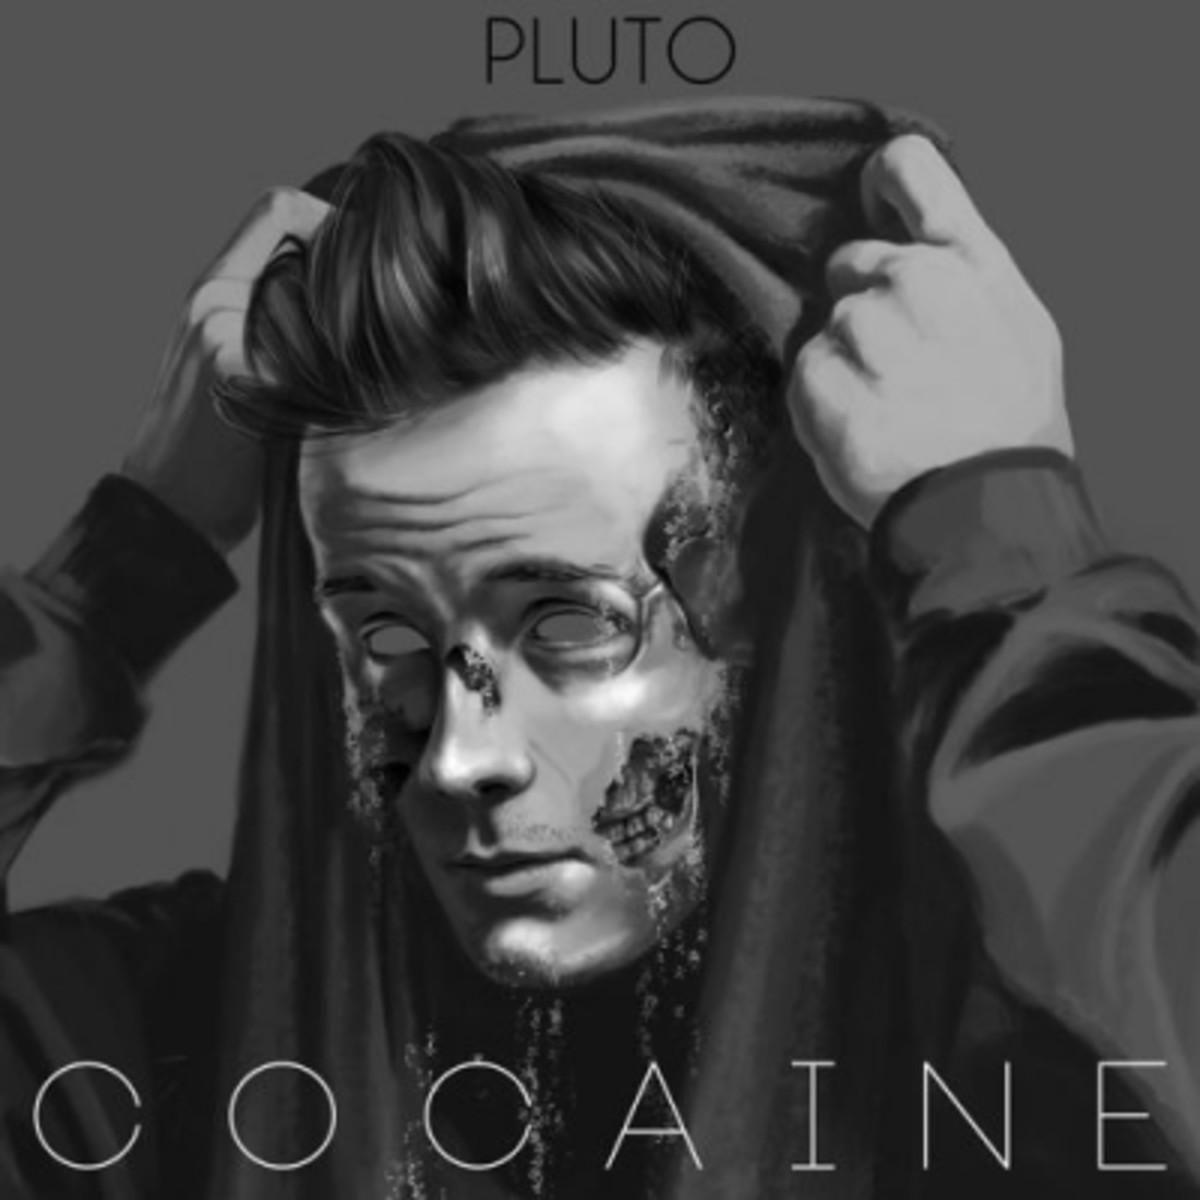 pluto-cocaine.jpg